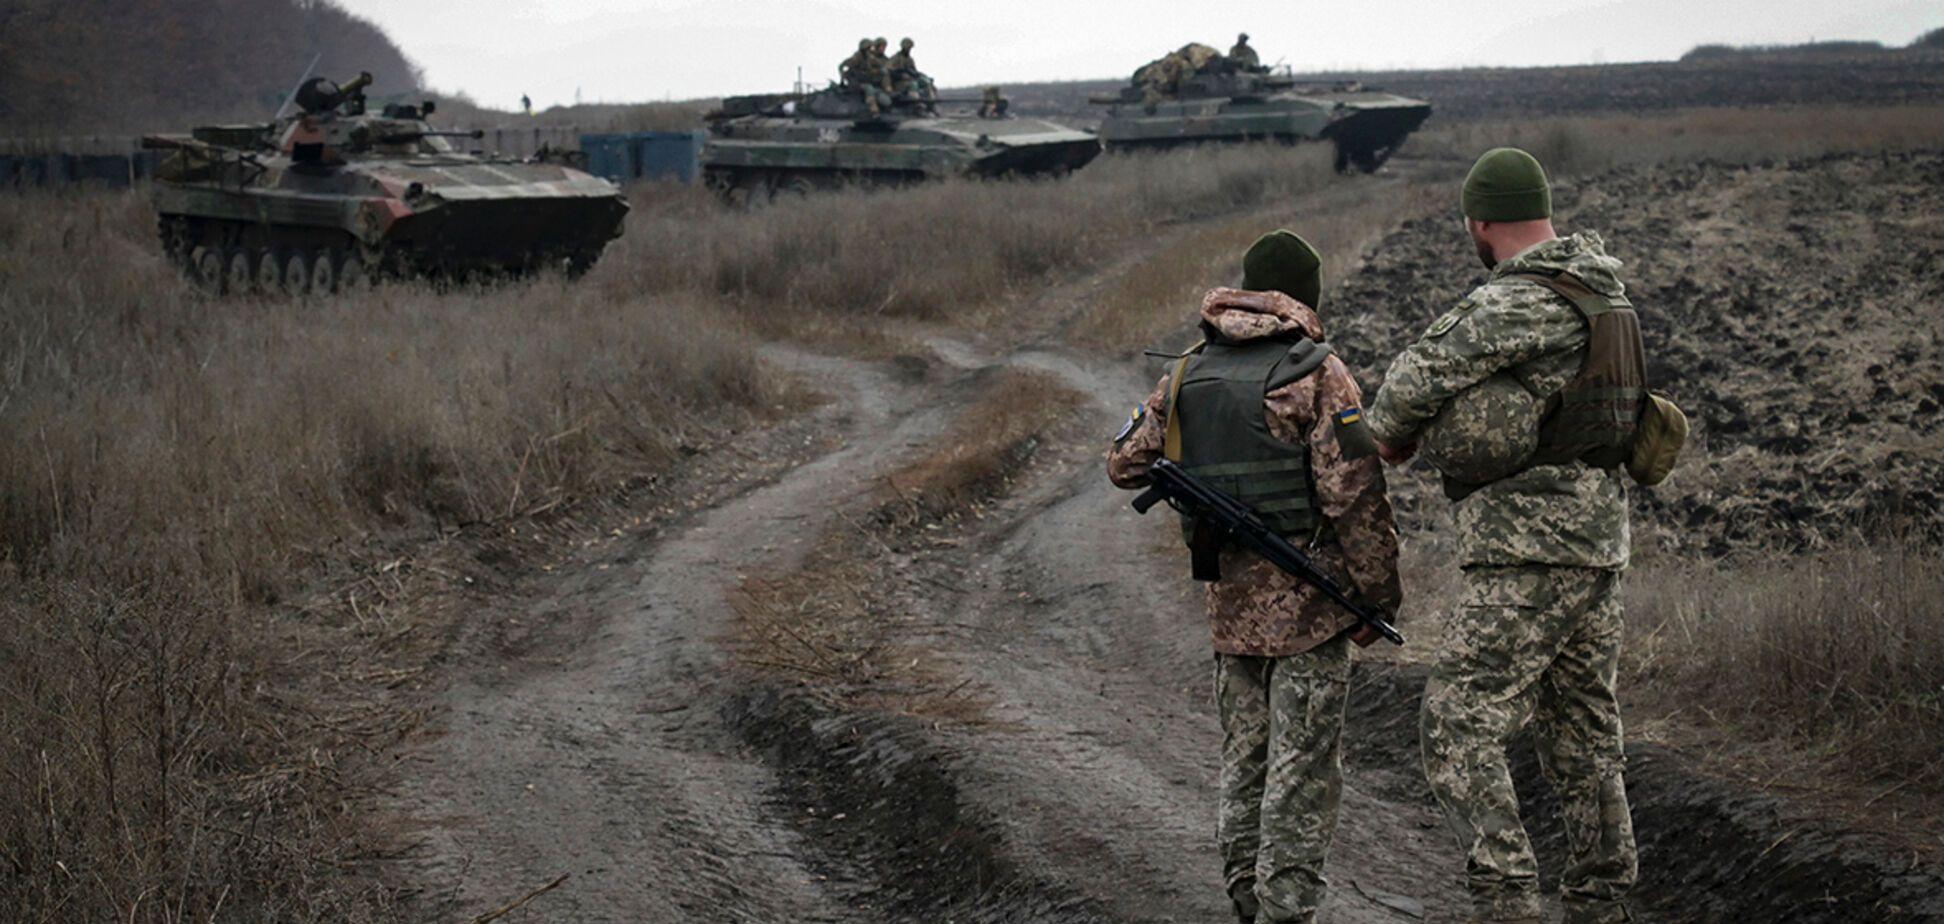 На Донбасі затихла стрілянина: 'Л/ДНР' зачаїлися